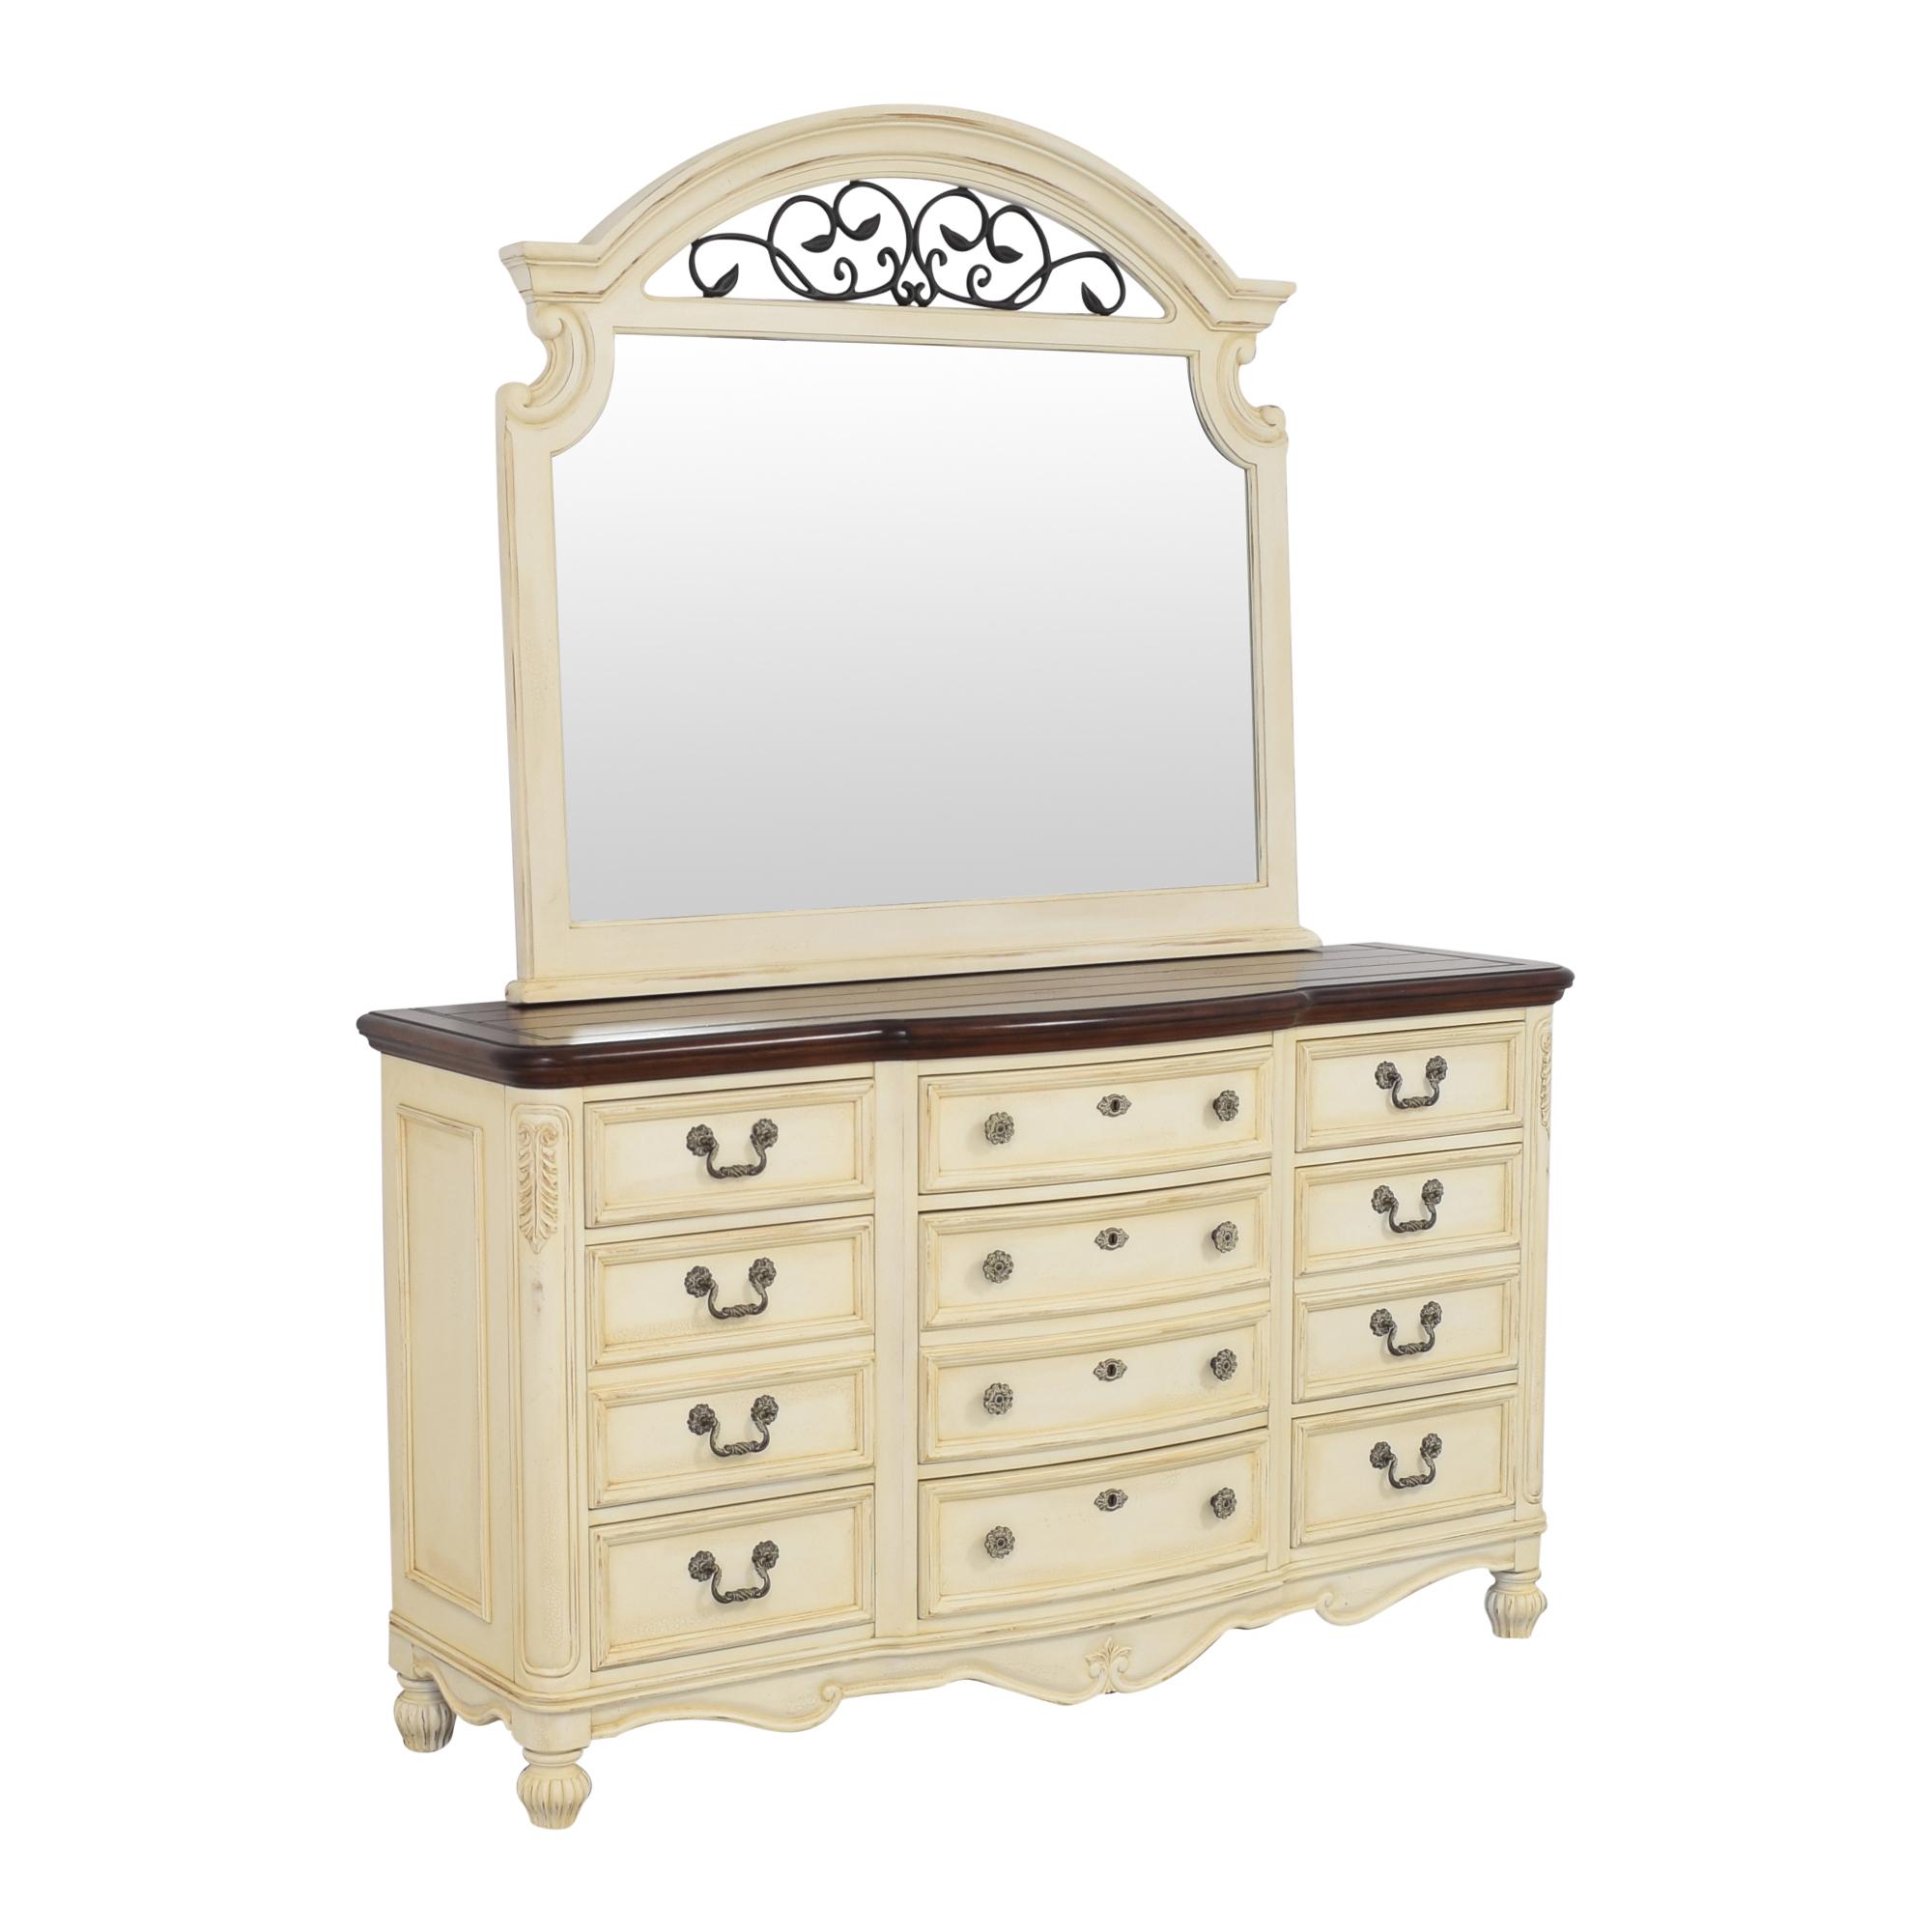 Thomasville Thomasville Triple Dresser and Mirror brown & beige